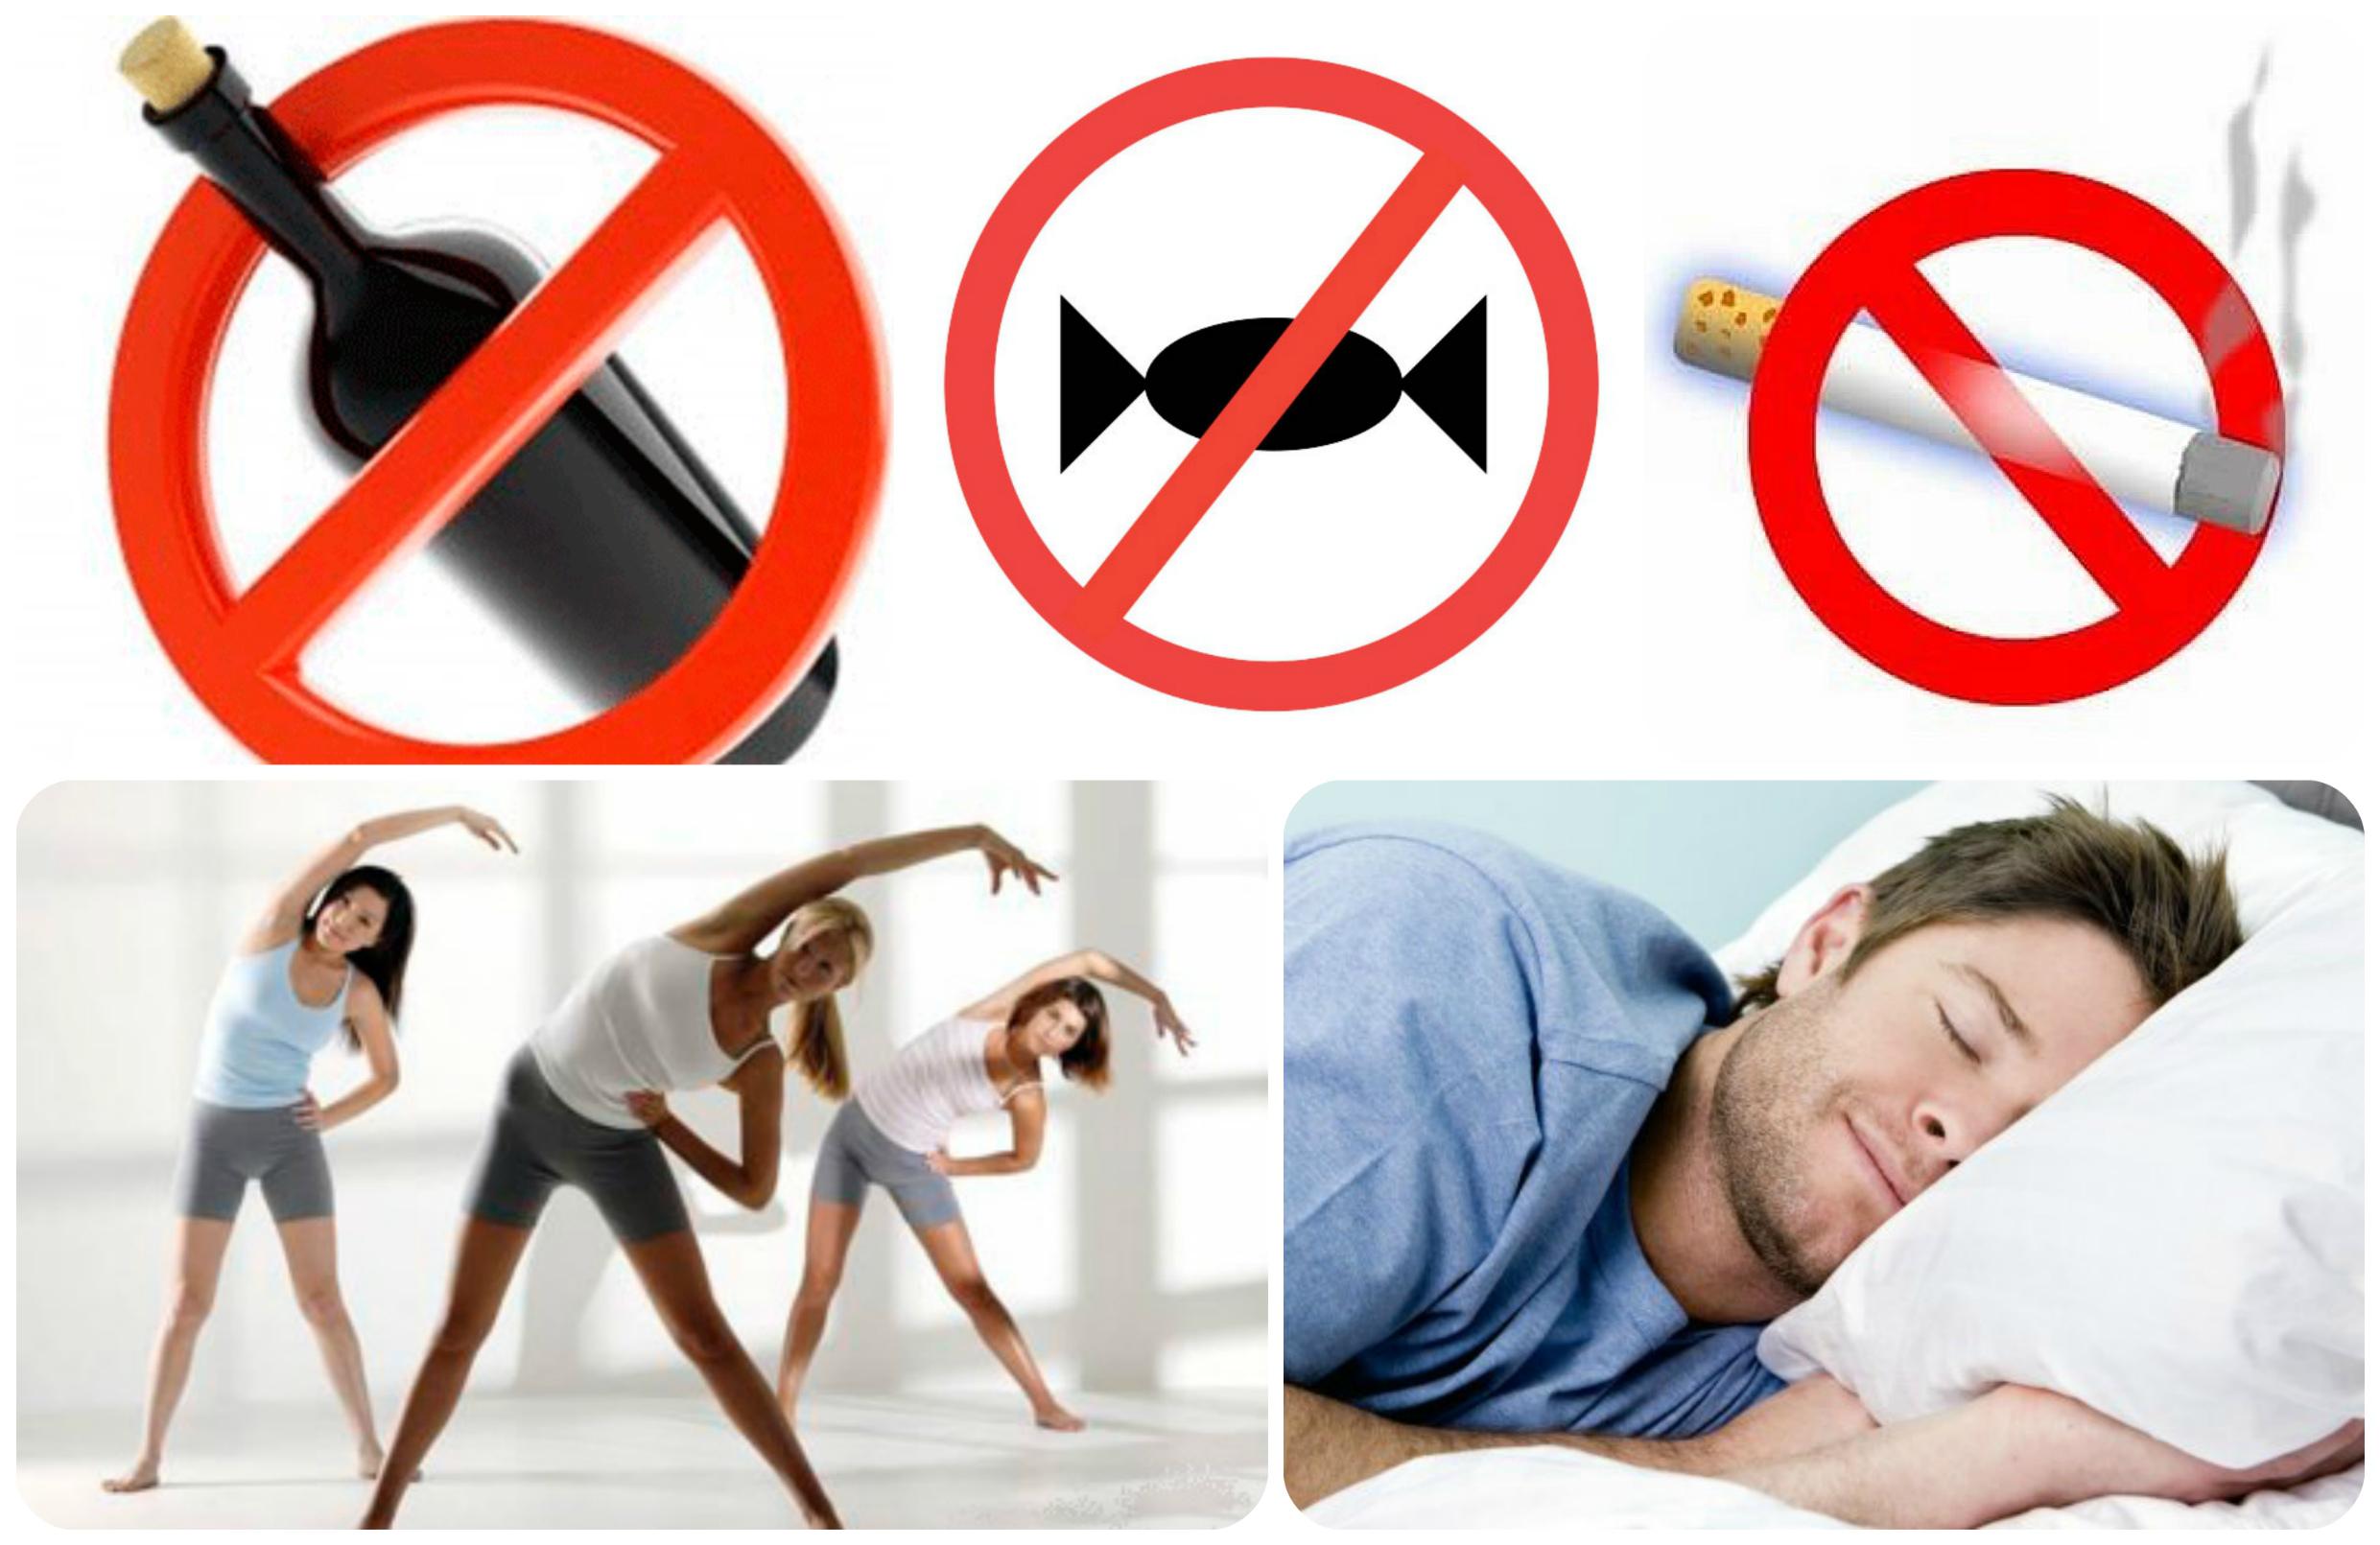 отказ от сладкого алкоголя и курения, сон и зарядка